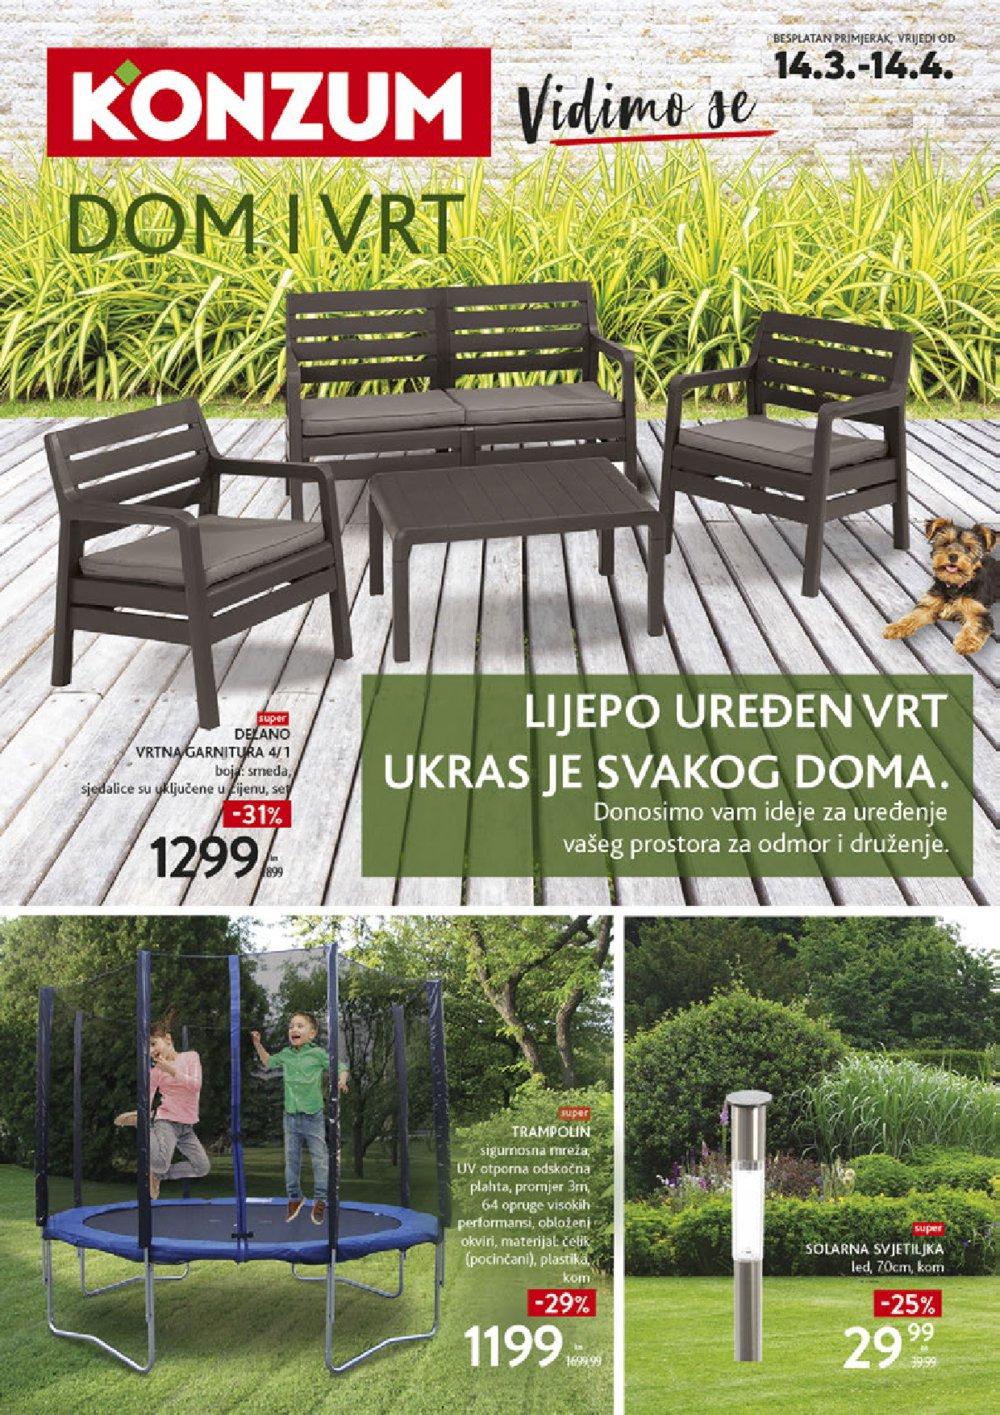 Konzum katalog Dom i vrt 14.03.-14.04.2019.